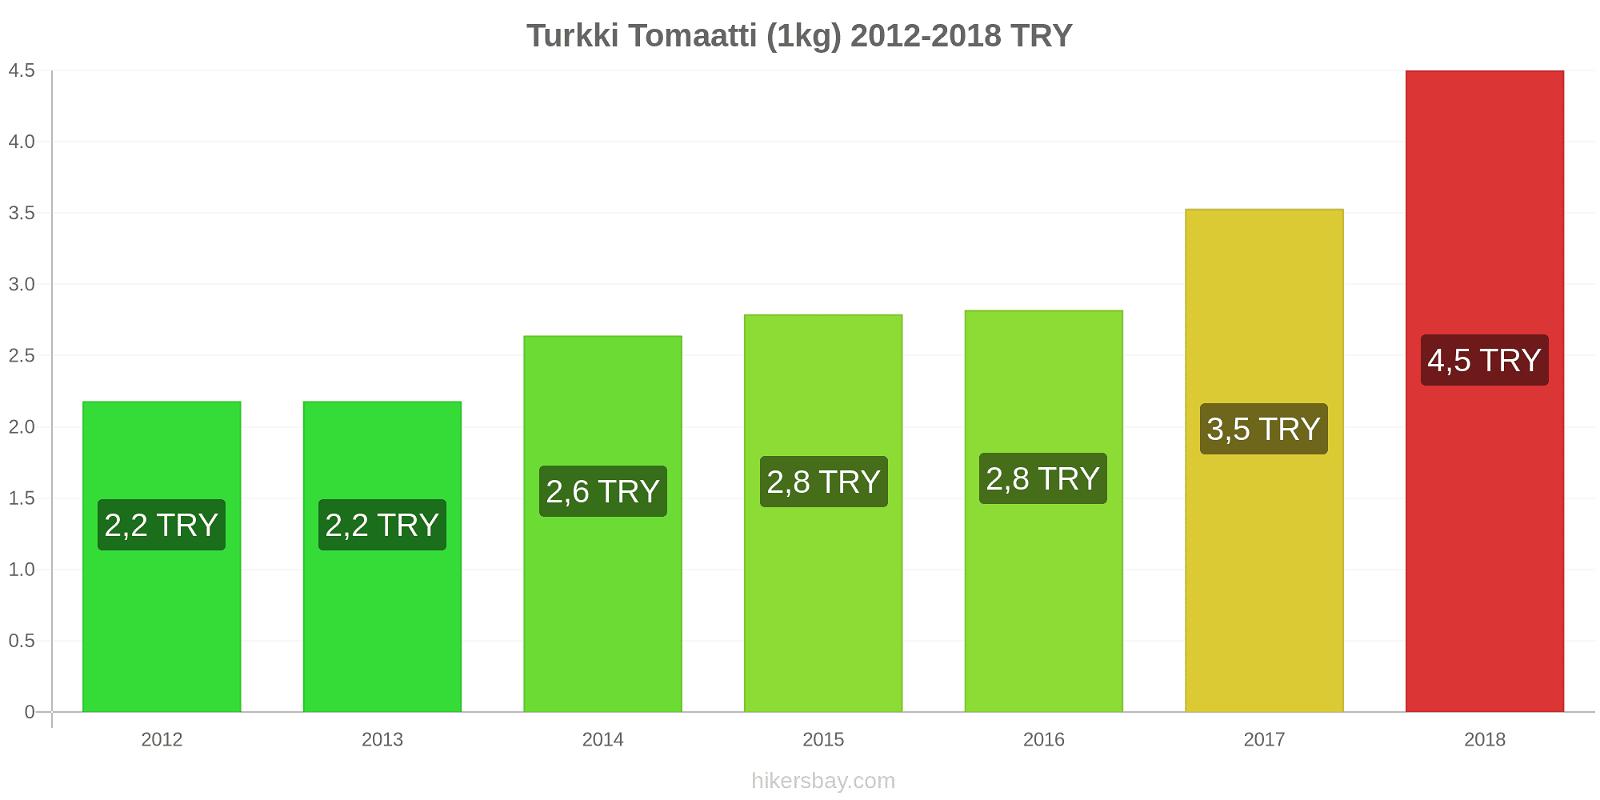 Turkki hintojen muutokset Tomaatti (1kg) hikersbay.com